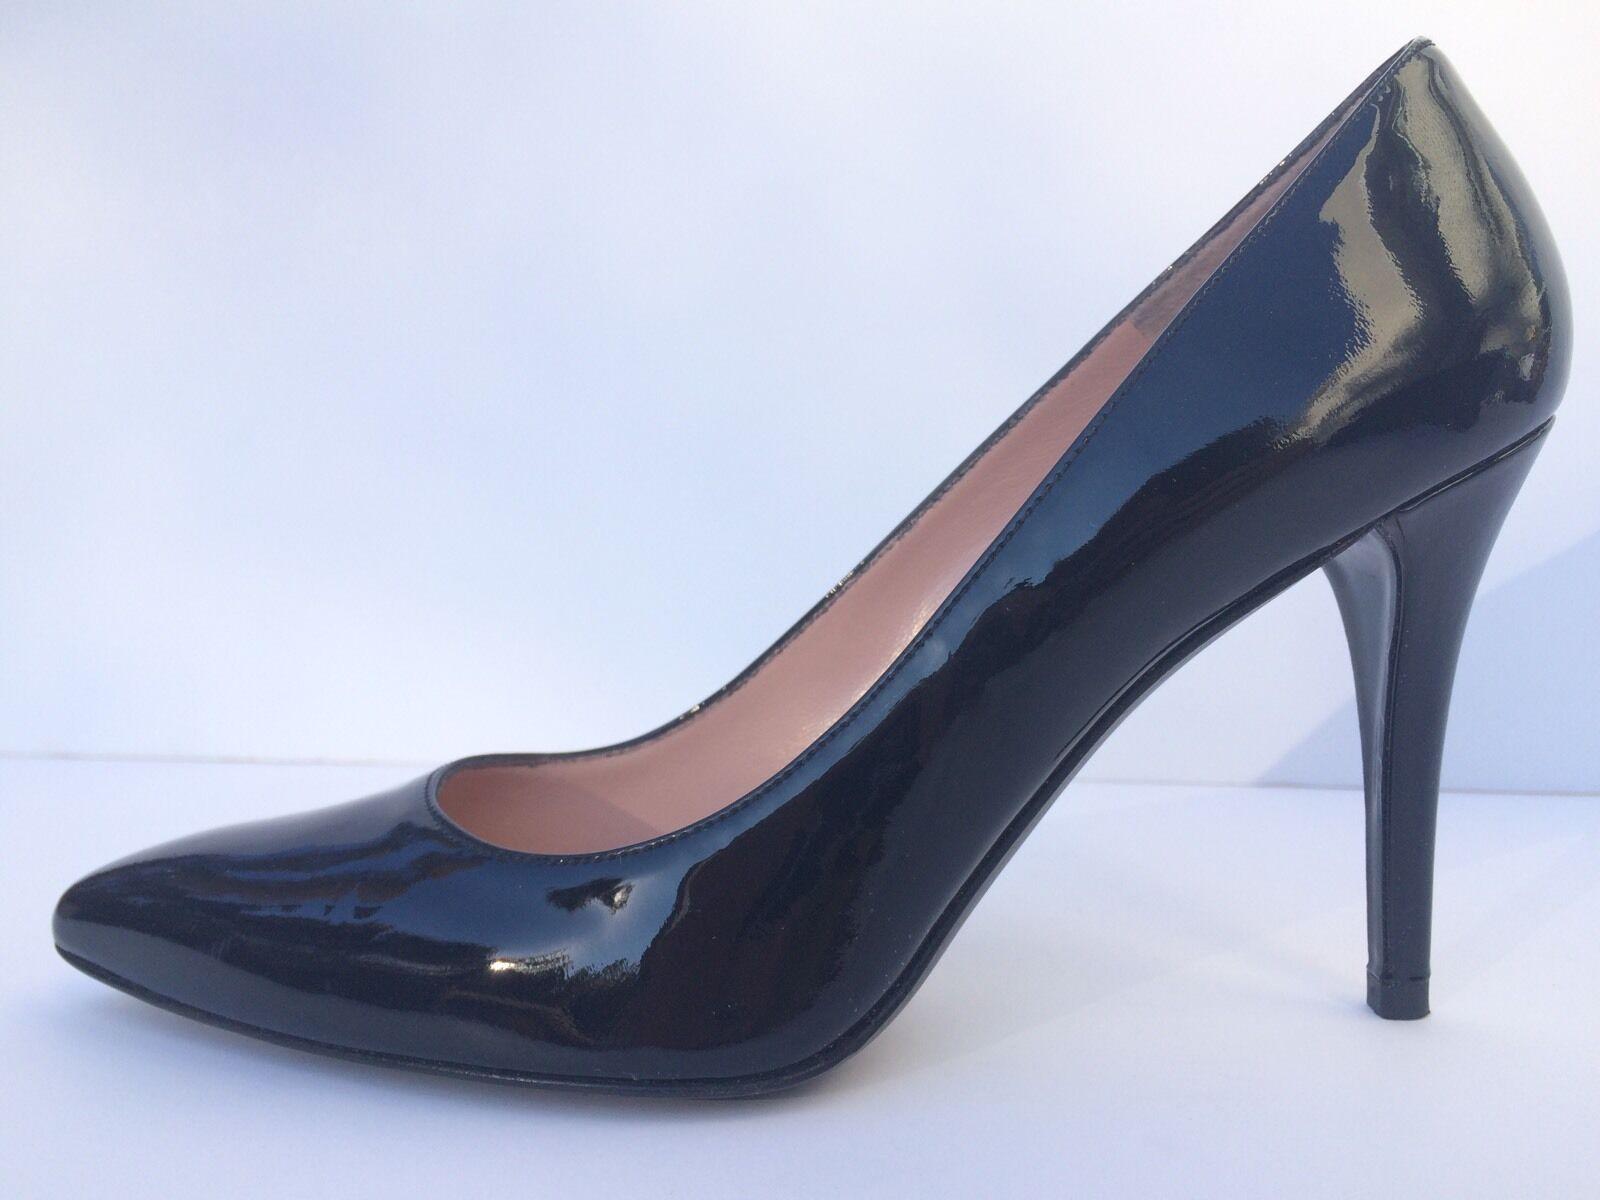 negozio outlet Stuart weitzman donna toe power nero nero nero Patent Peather Pumps heels Dimensione 8.5  qualità di prima classe